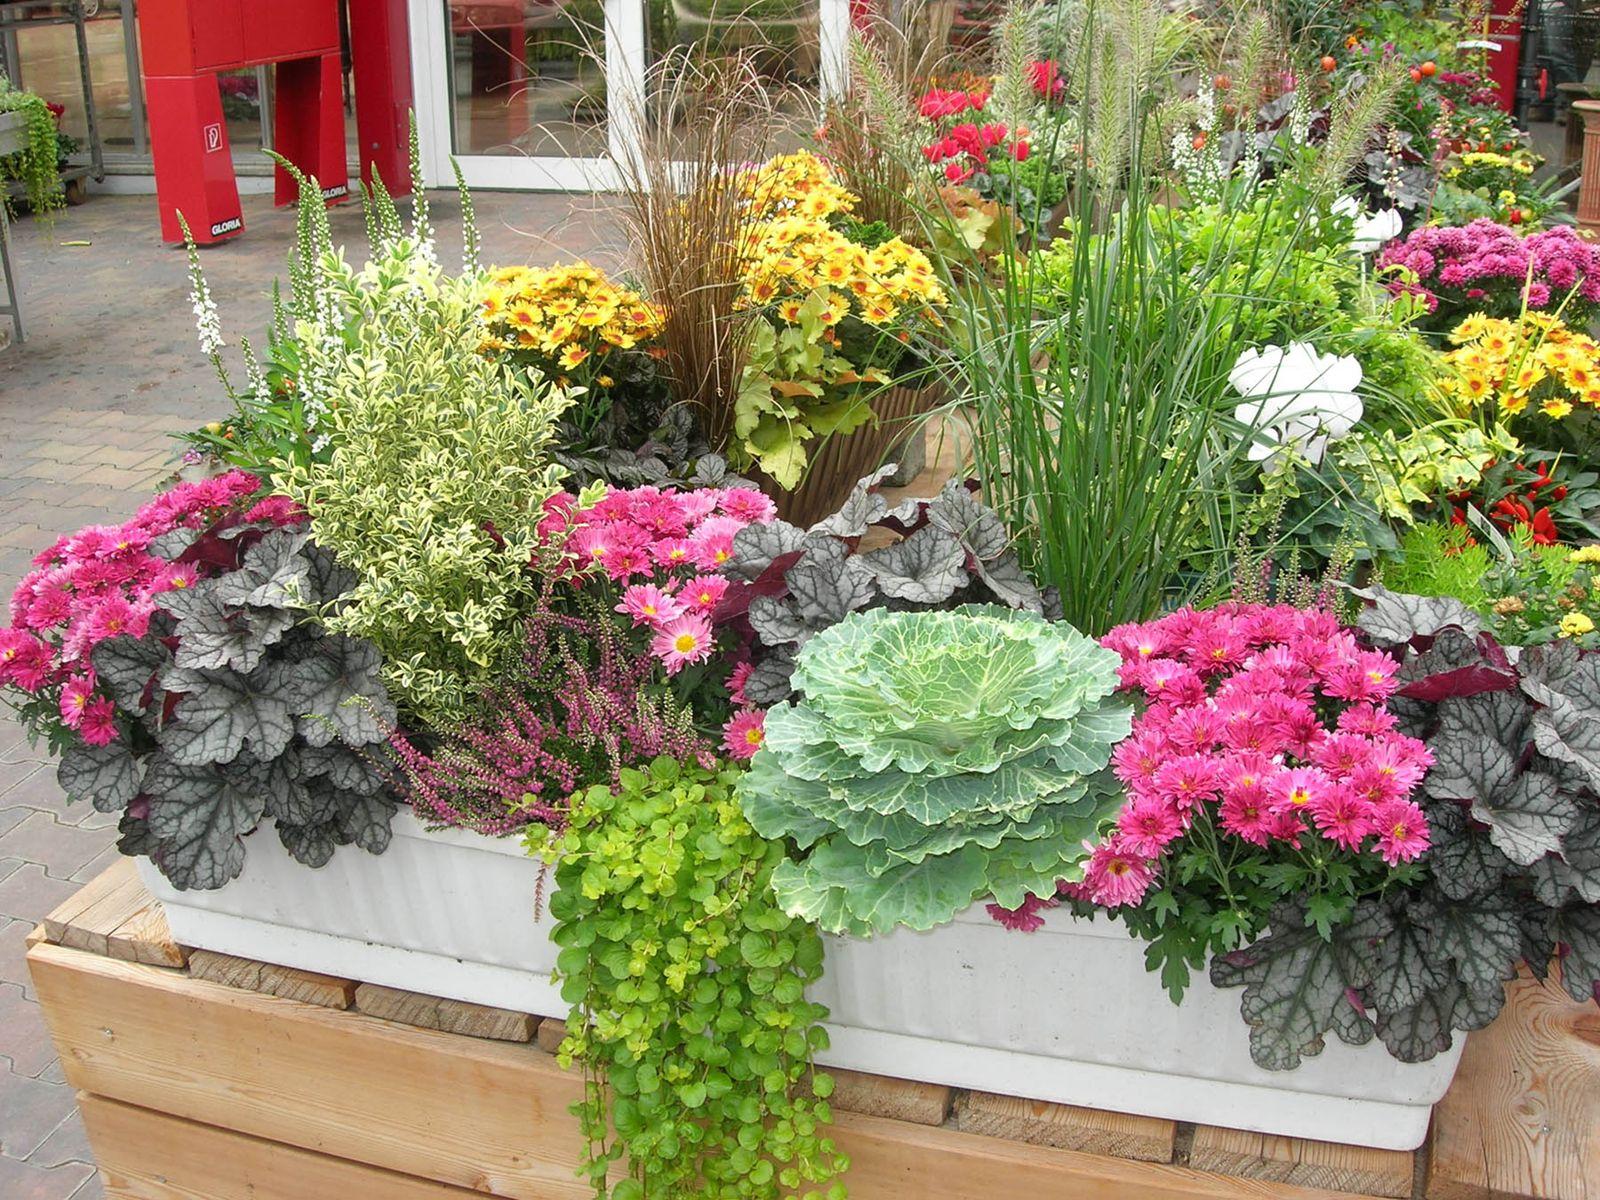 Concevoir de belles jardinières d'automne